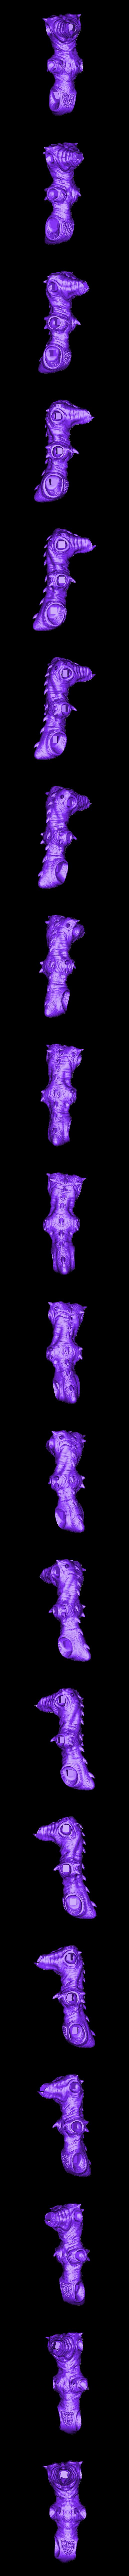 body.stl Télécharger fichier STL gratuit Brundlefly Jr Full Body • Design pour impression 3D, CarlCreates